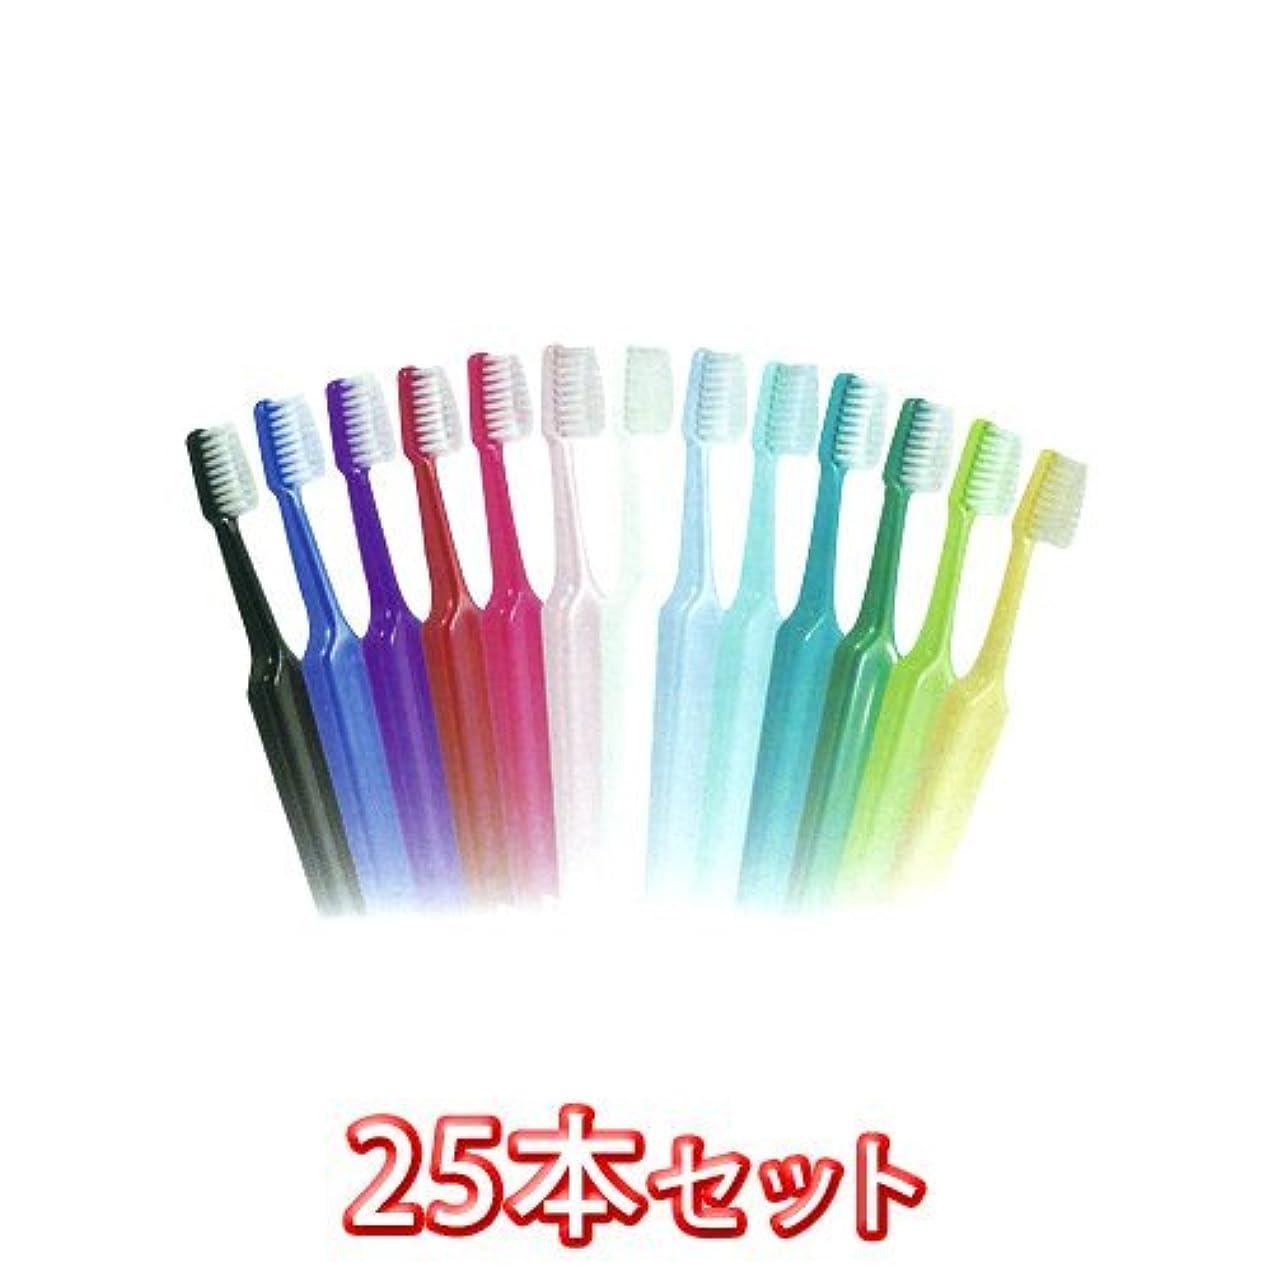 下る走る入浴TePeテペセレクトコンパクト歯ブラシ 25本(コンパクトエクストラソフト)